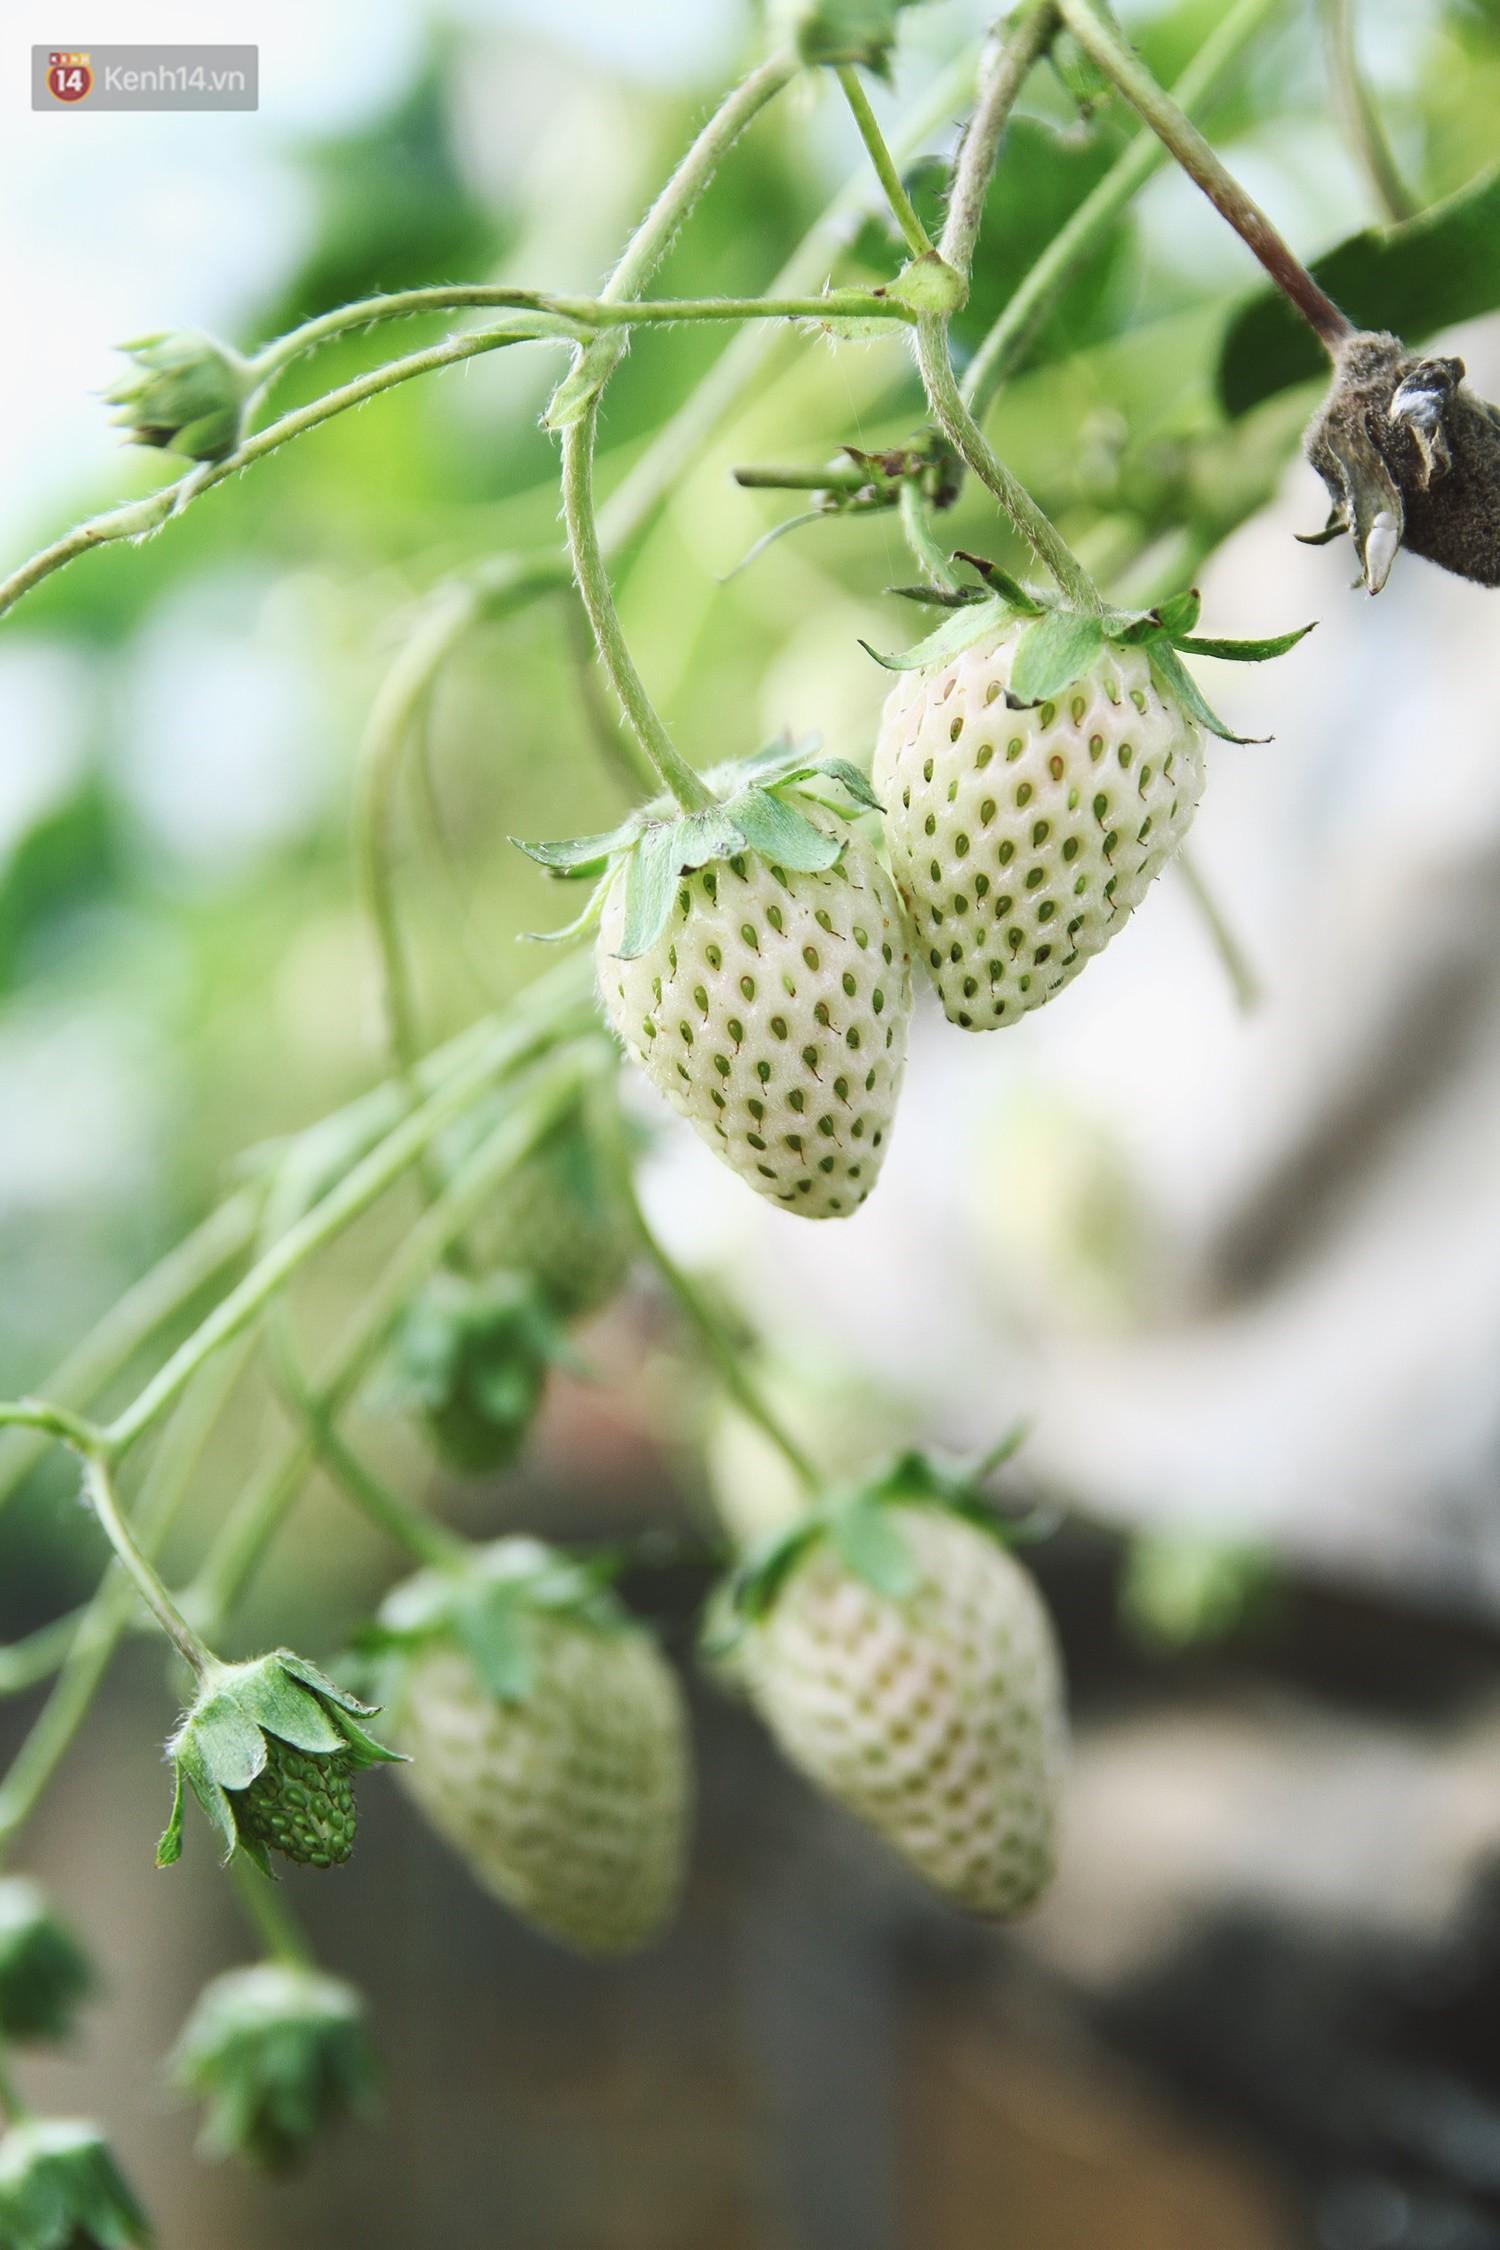 Vườn dâu tây nổi tiếng ở Sapa thu phí tham quan 4 ngày vì sợ không kiểm soát được ý thức du khách dịp lễ - Ảnh 7.